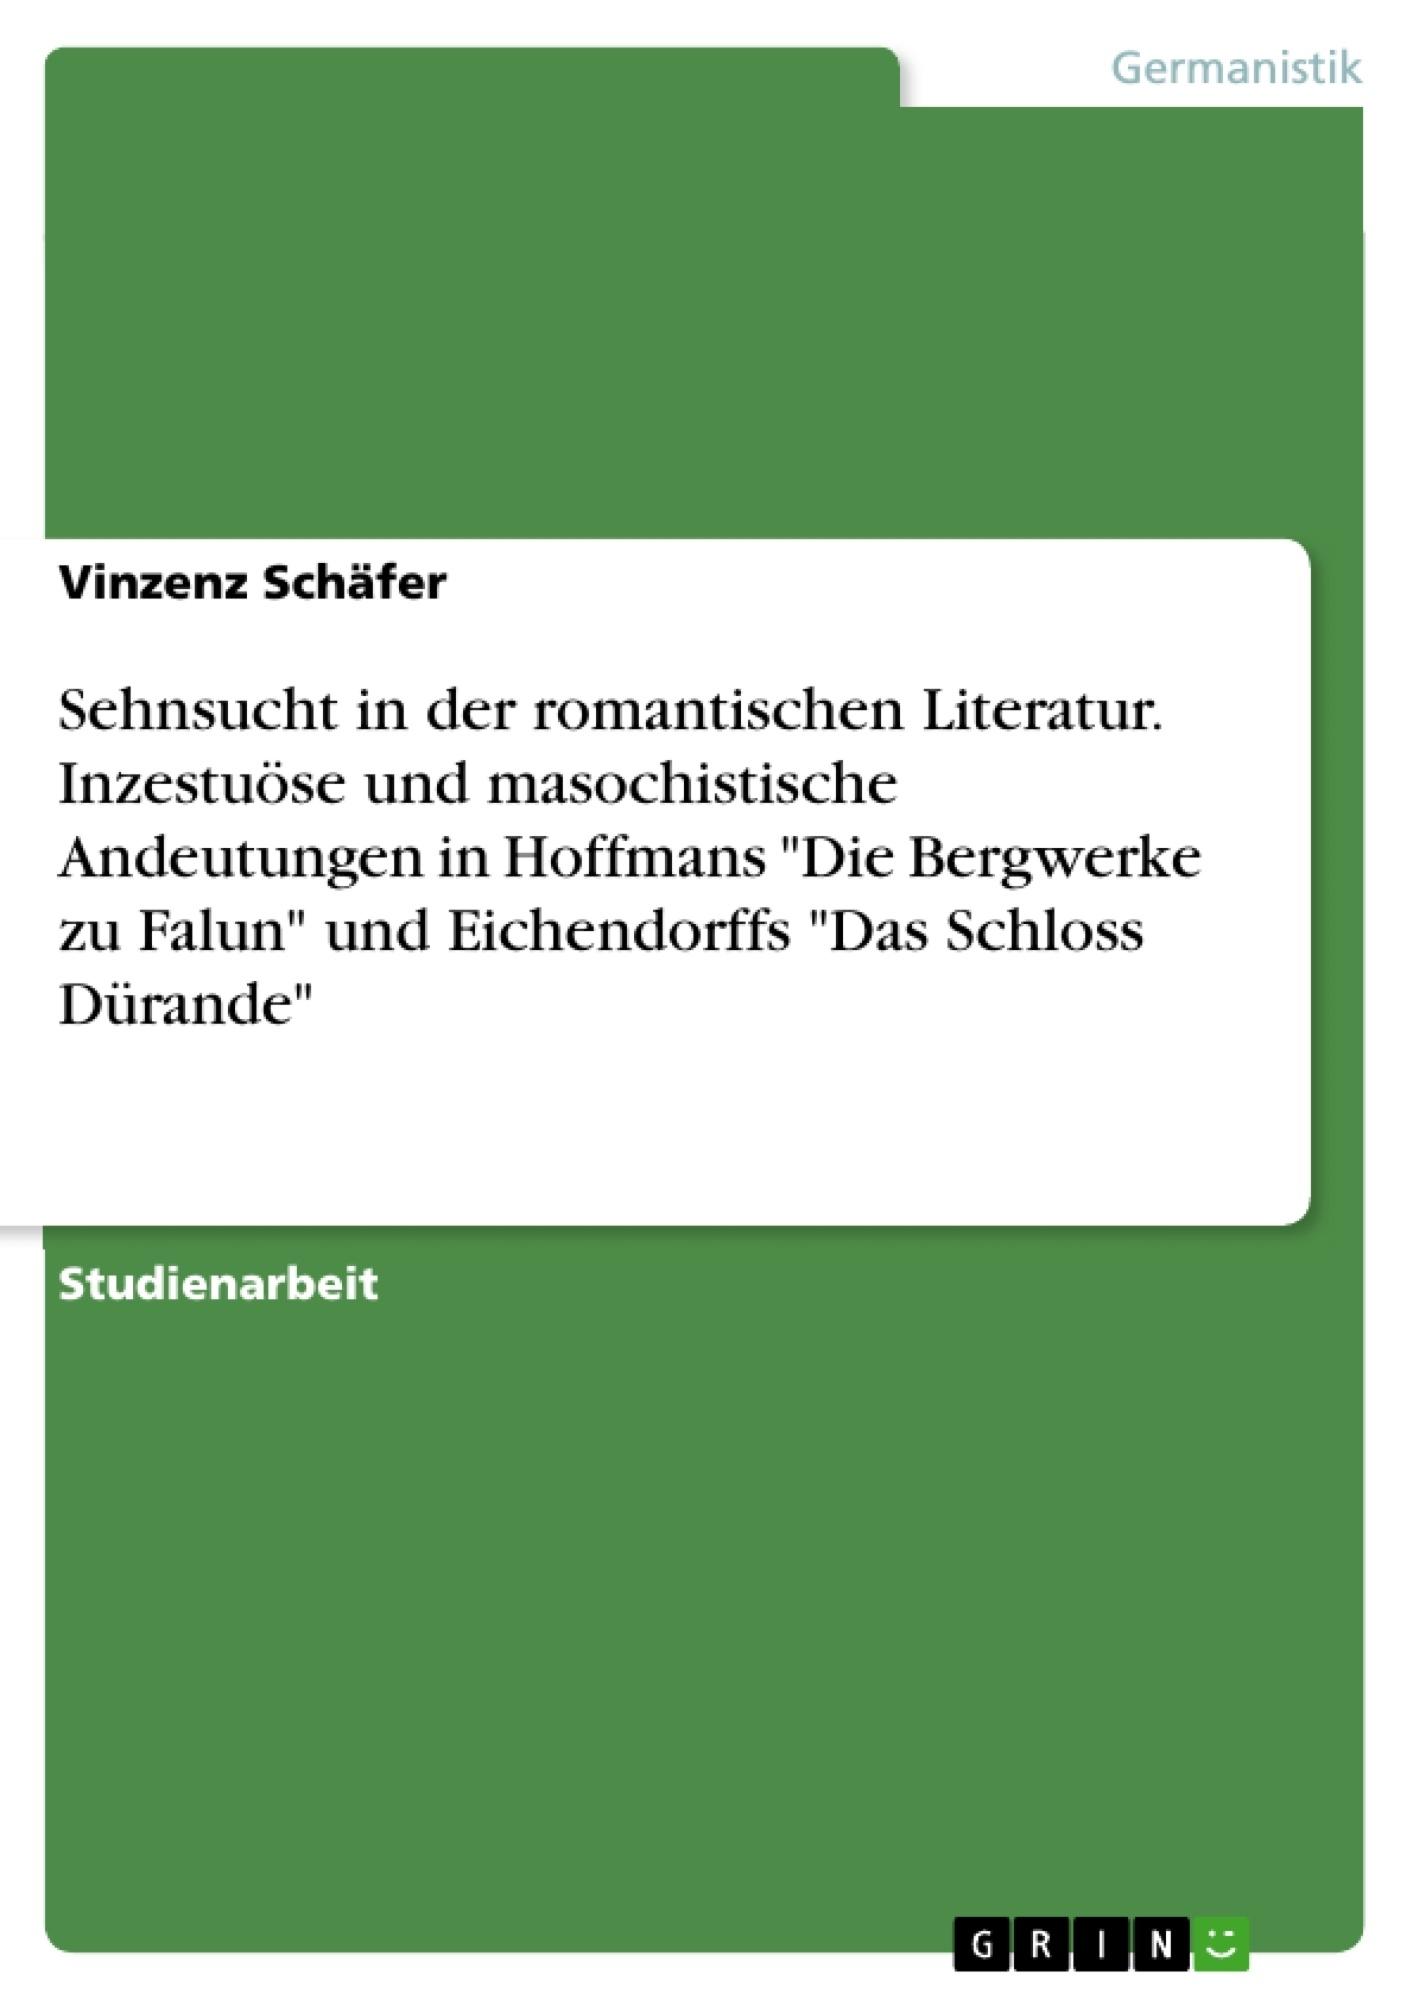 """Titel: Sehnsucht in der romantischen Literatur. Inzestuöse und masochistische Andeutungen in Hoffmans """"Die Bergwerke zu Falun"""" und Eichendorffs """"Das Schloss Dürande"""""""